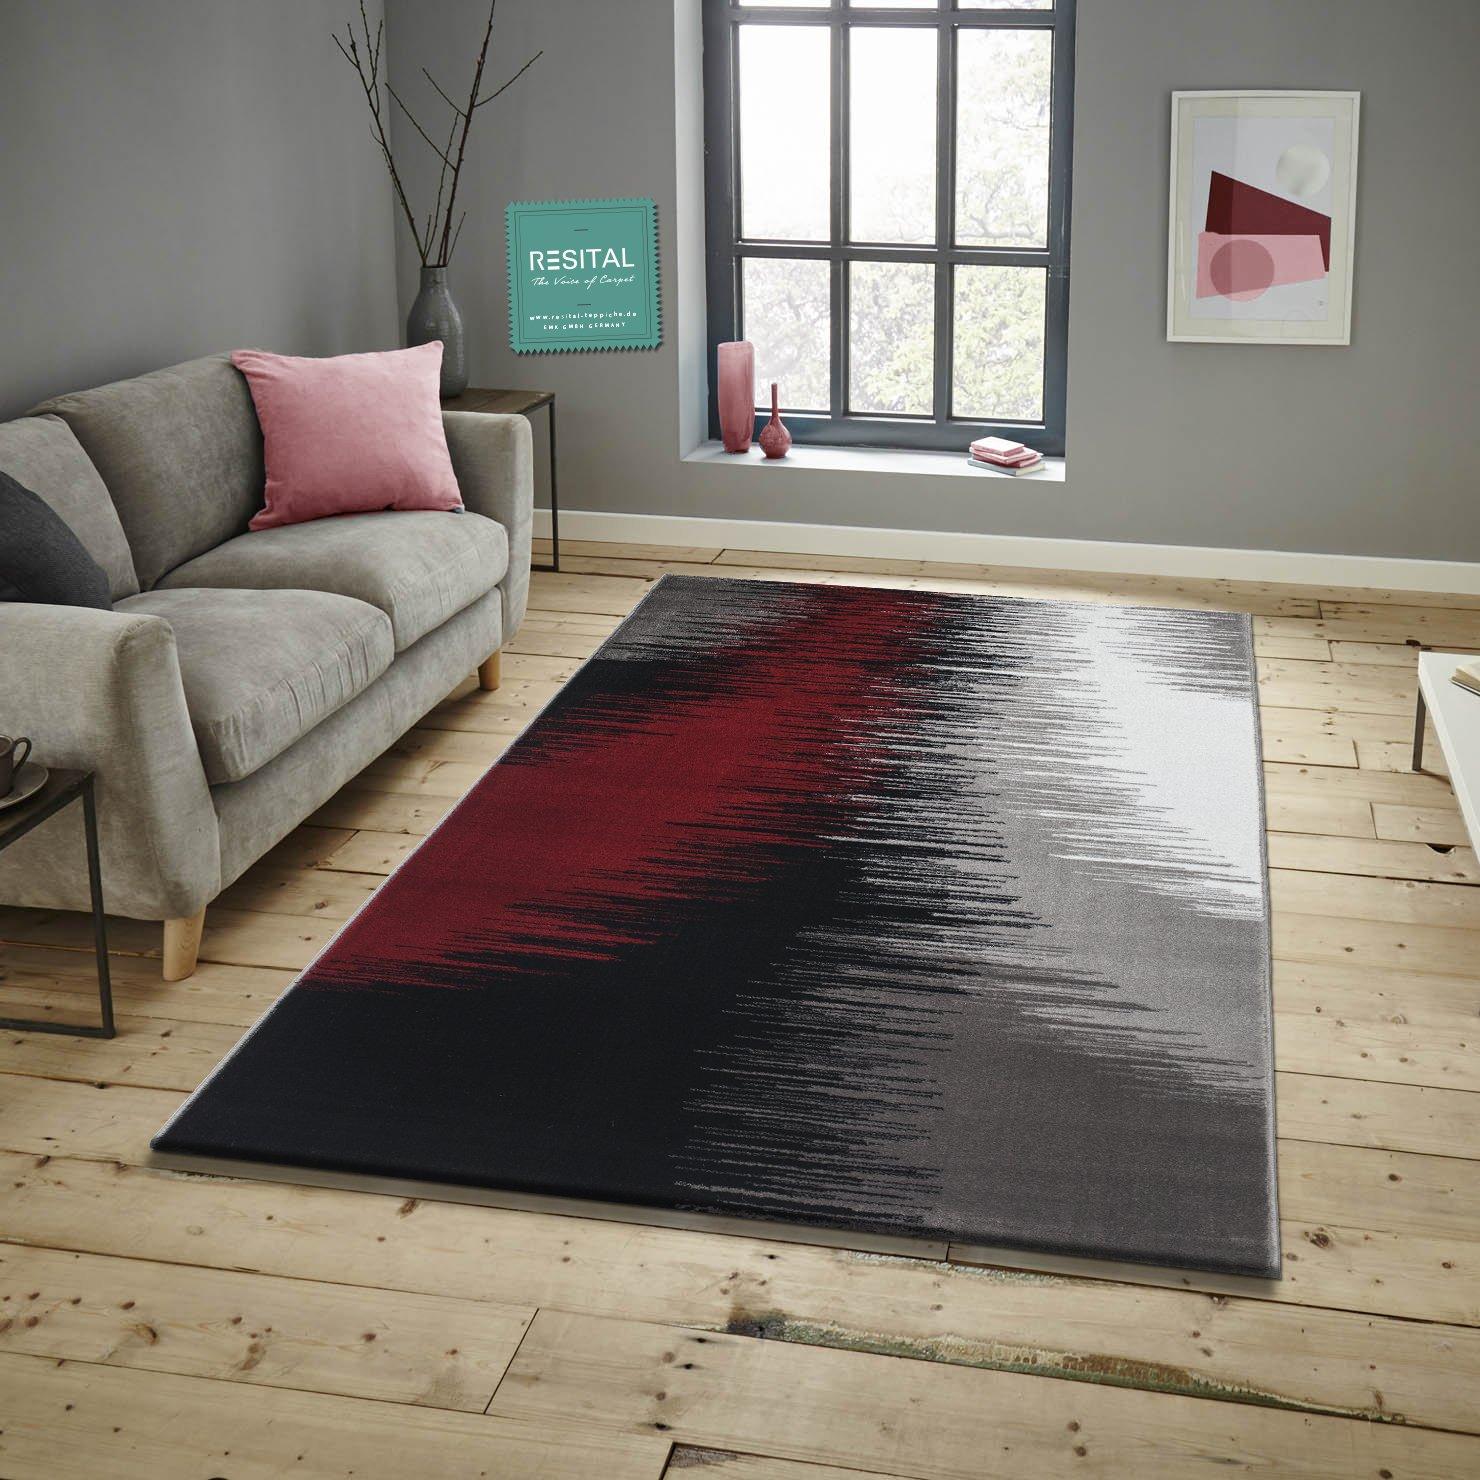 Keymura Savoy Teppich im Modernen Design Wohnzimmerteppich Florhöhe 11 mm Farbe Silber-Rot Größe  160x230 cm